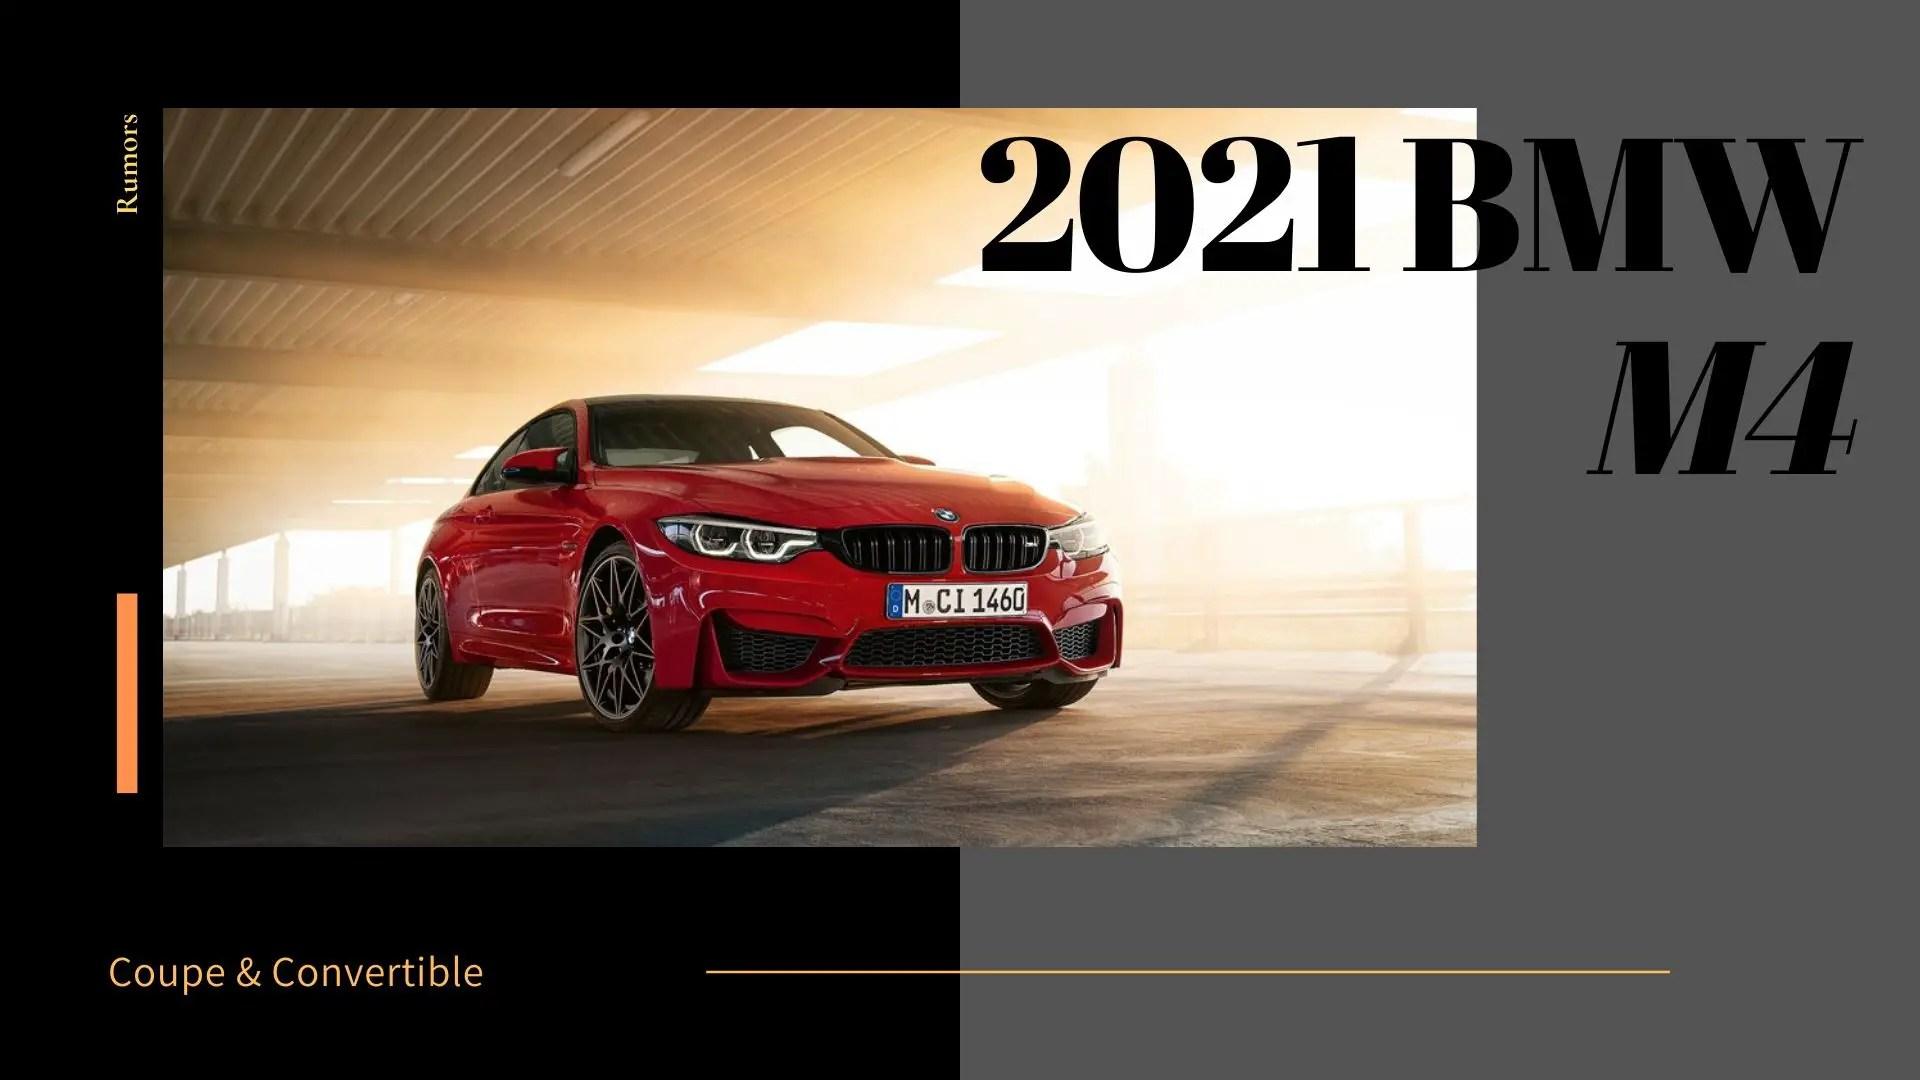 2021 BMW M4 Redesign & Updates